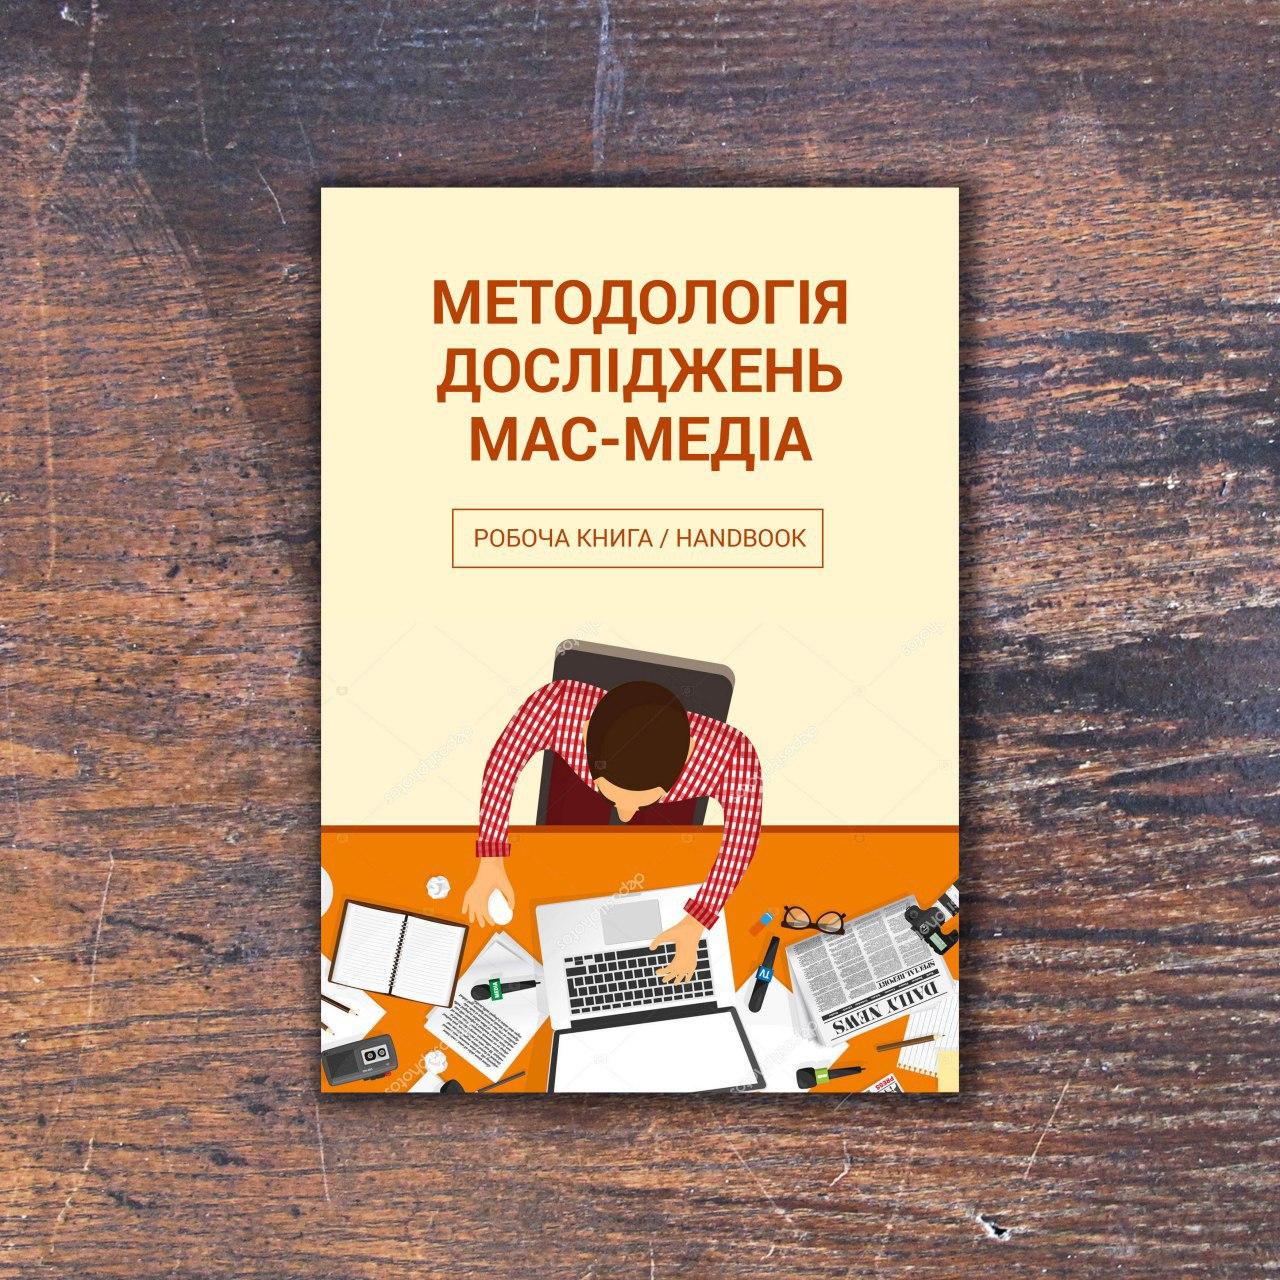 Нове видання з методології мас-медійних досліджень